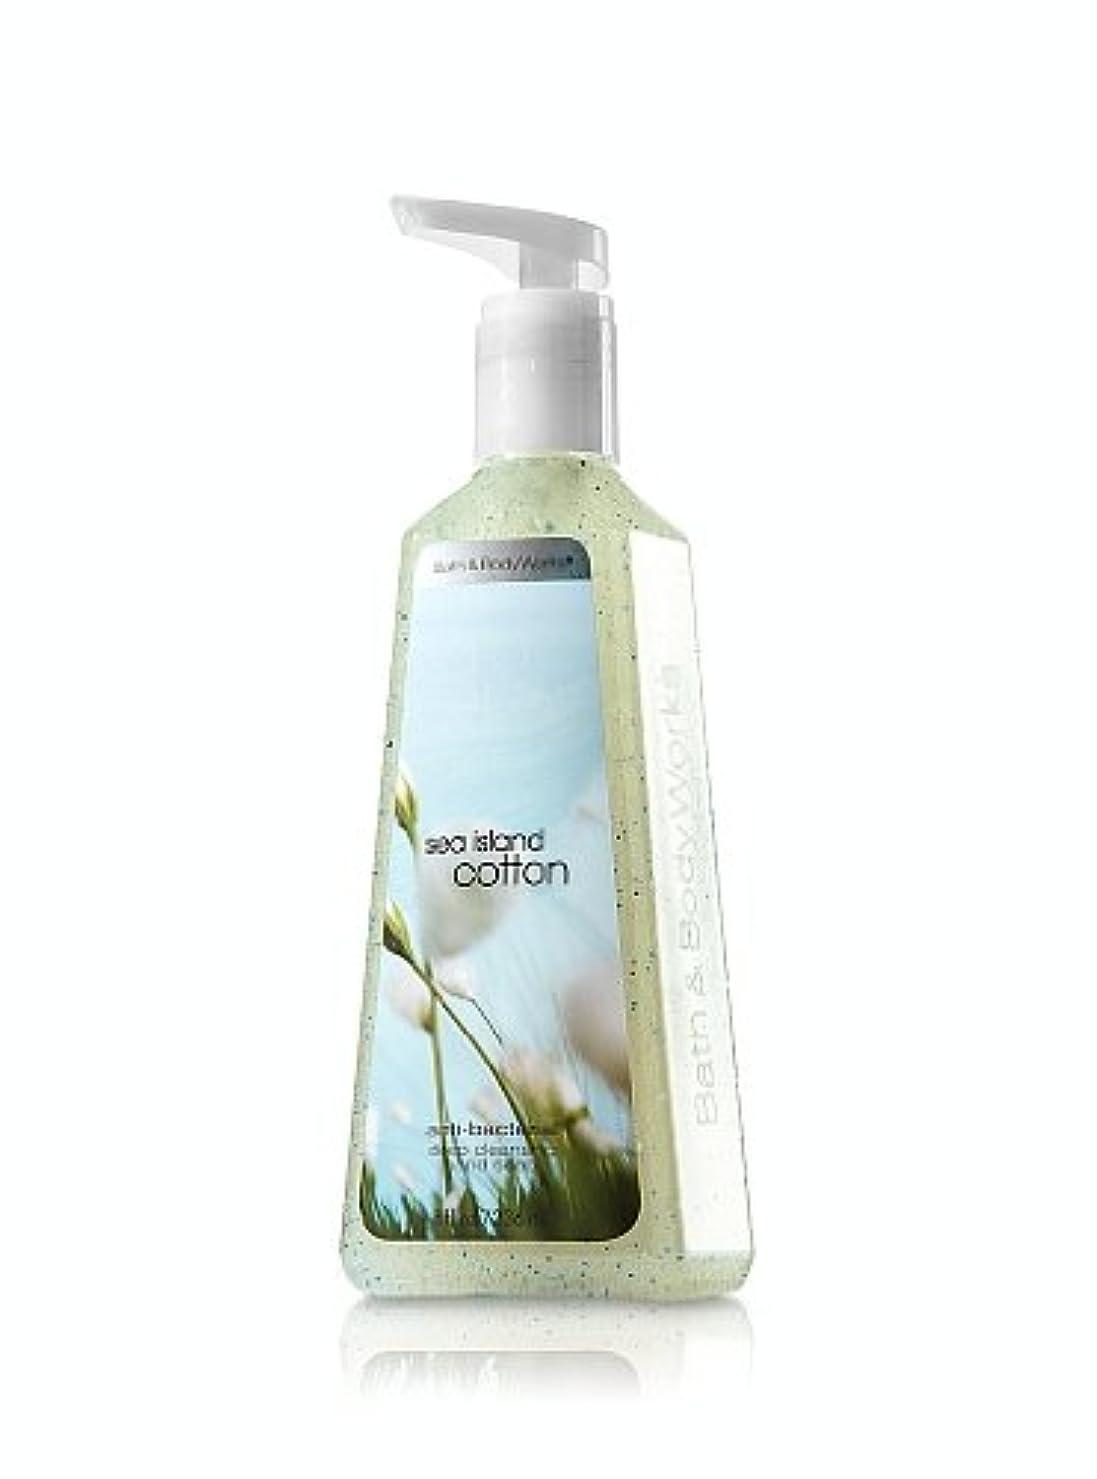 イタリアの燃やすカーテンバス&ボディワークス シーアイランドコットン ディープクレンジングハンドソープ Sea Island Cotton Deep Cleansing Hand Soap [並行輸入品]